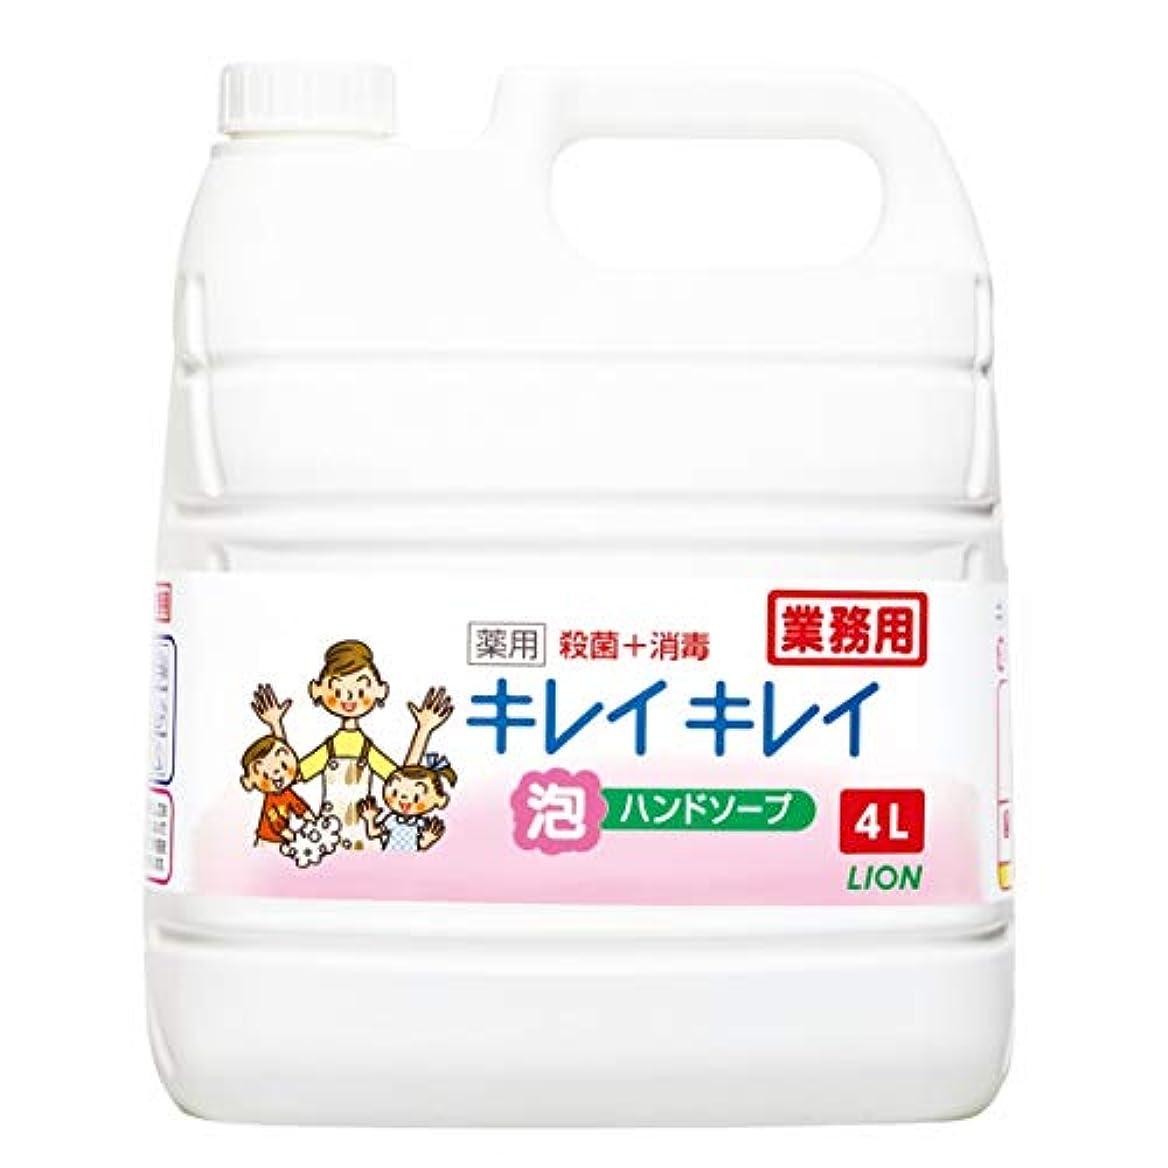 欲しいです武装解除却下する【業務用 大容量】キレイキレイ 薬用 泡ハンドソープ シトラスフルーティの香り 4L(医薬部外品)